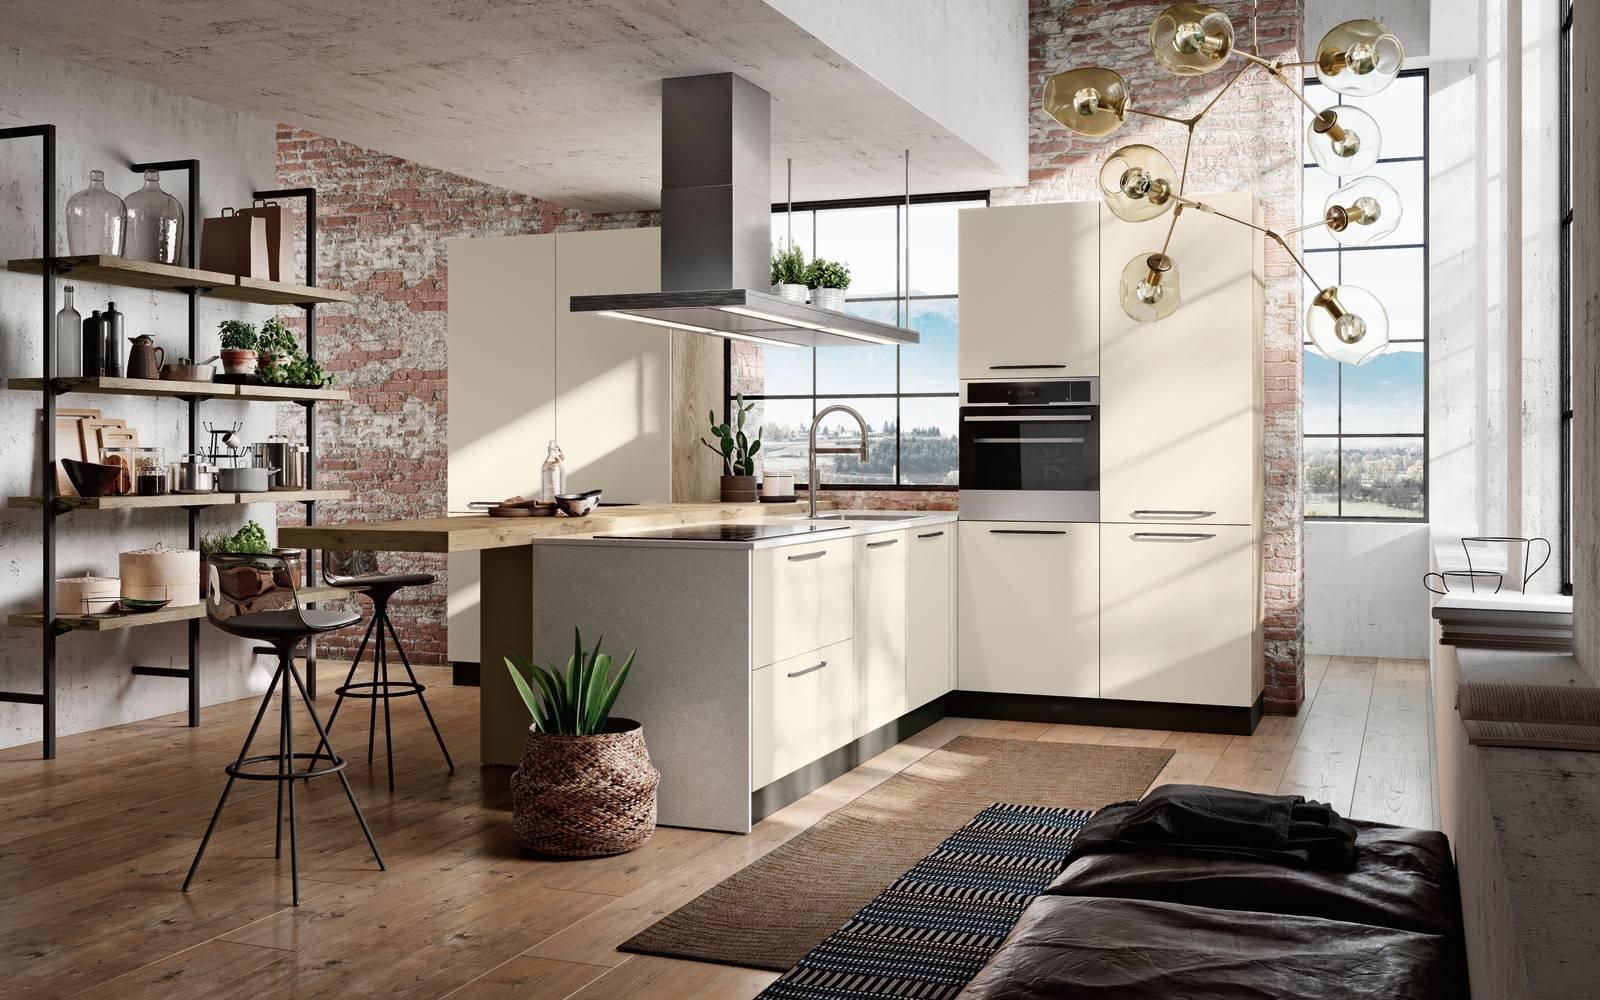 13 cucine con isola e penisola scelta giovane che piace - Cucine ad angolo con penisola ...